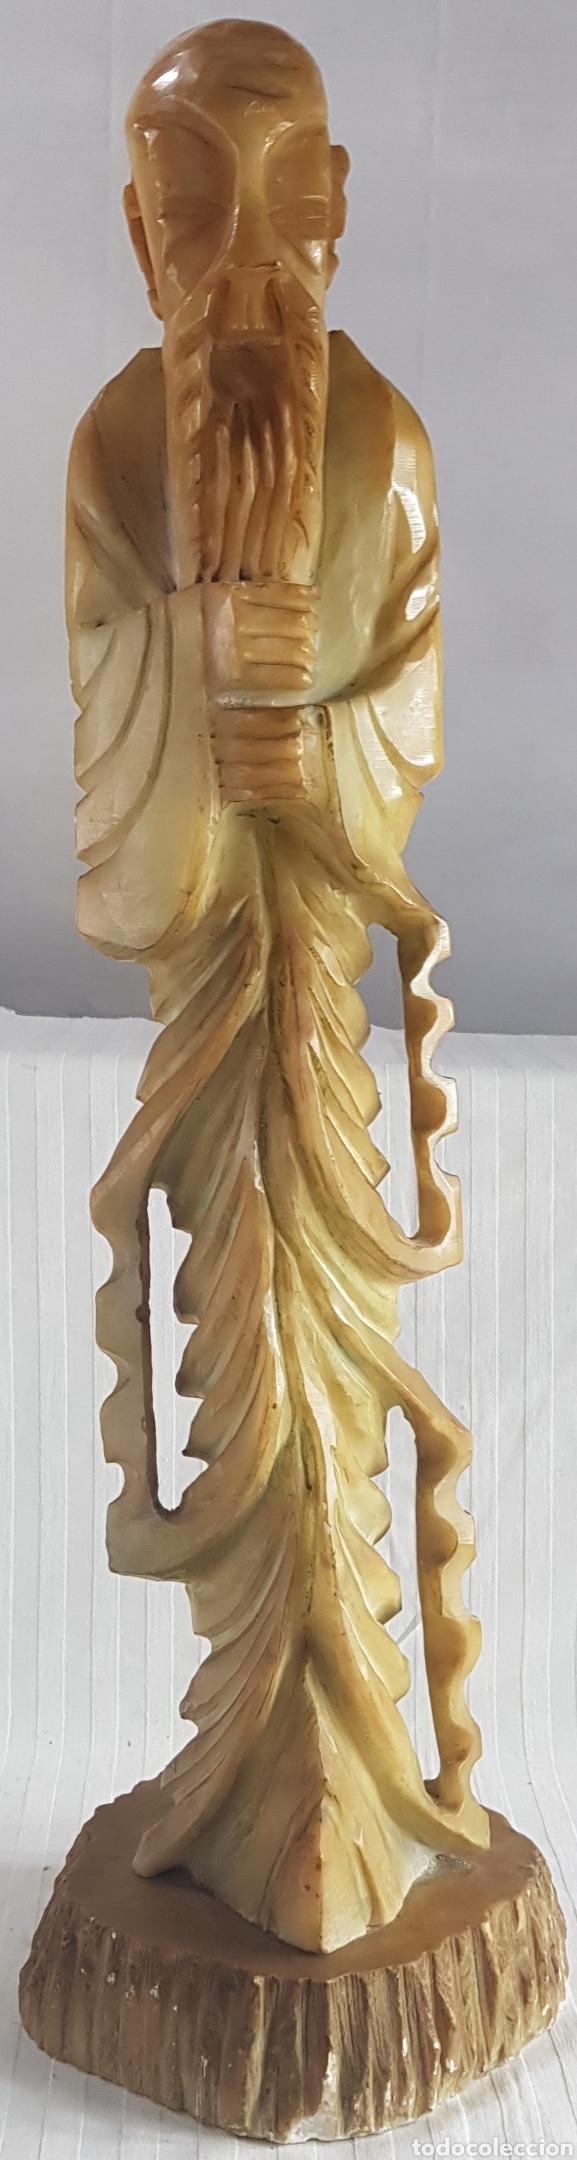 MONJE BUDISTA ESCULPIDO EN ALABASTRO PRINC. S.XX (Arte - Escultura - Alabastro)